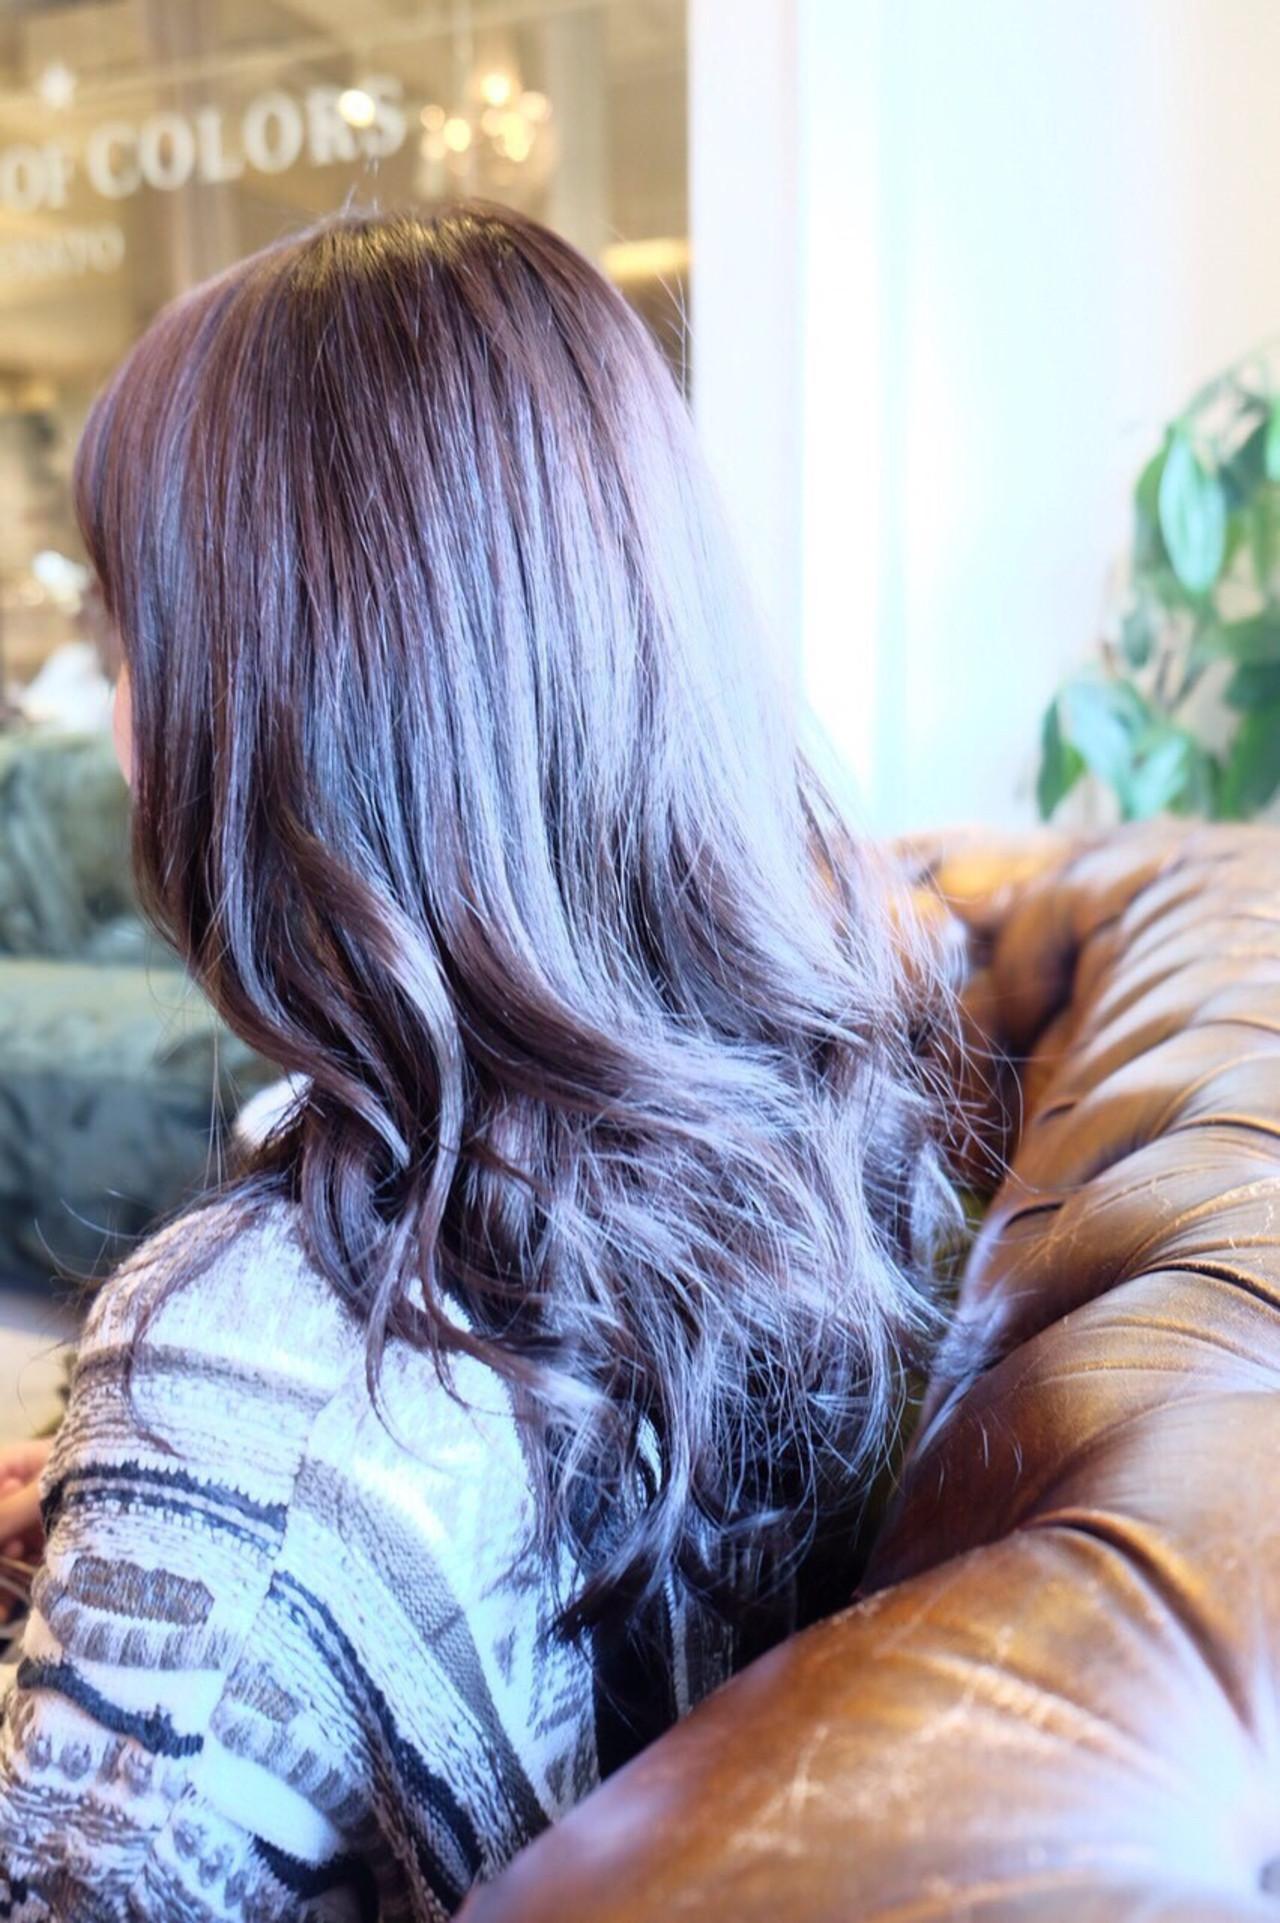 アッシュ ロング ナチュラル ラベンダー ヘアスタイルや髪型の写真・画像 | 高桑 流星 / ALEXANDRE OF COLORS